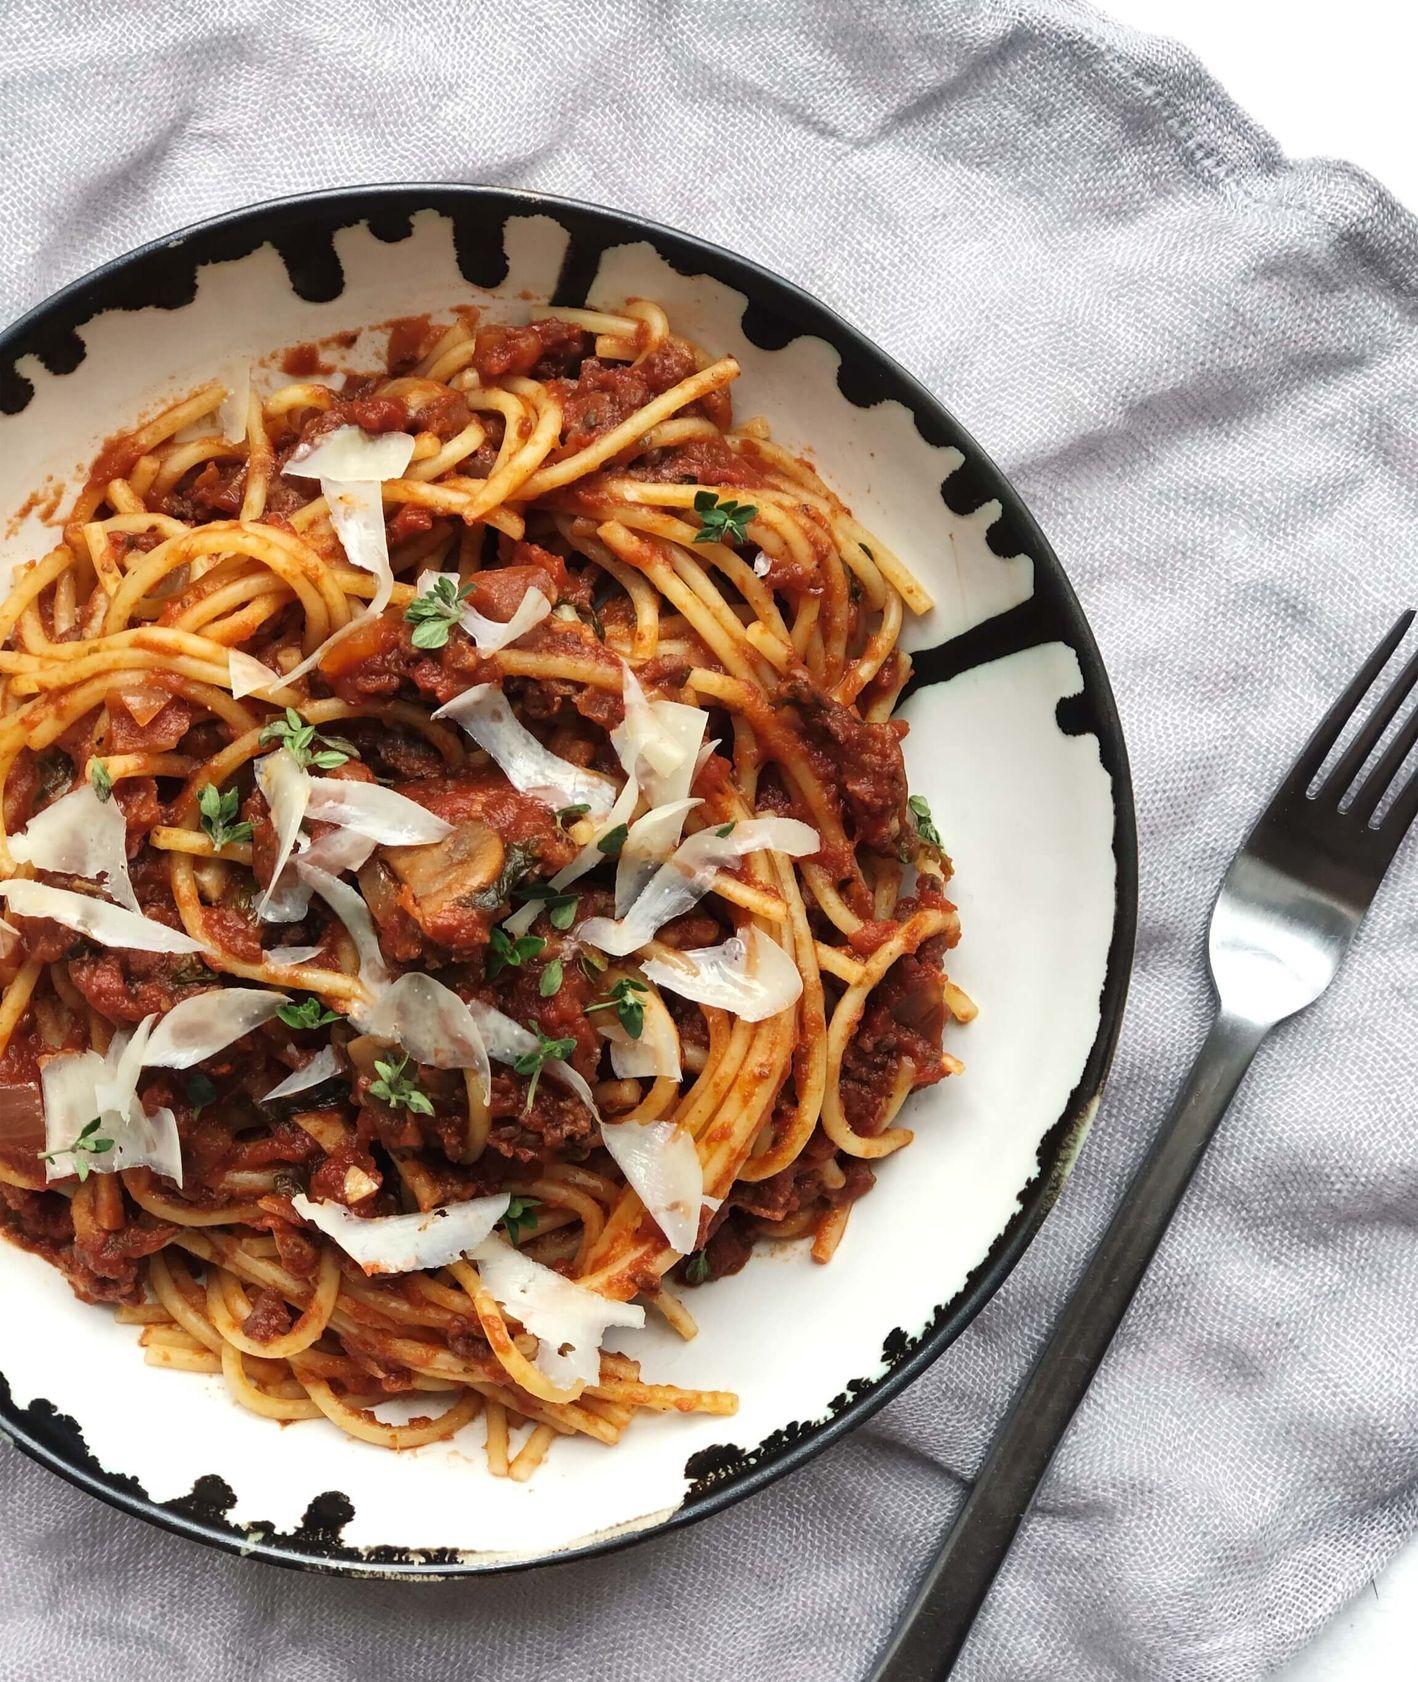 Sposób na spaghetti z mięsnym sosem pomidorowym (fot. Zuza Rożek)